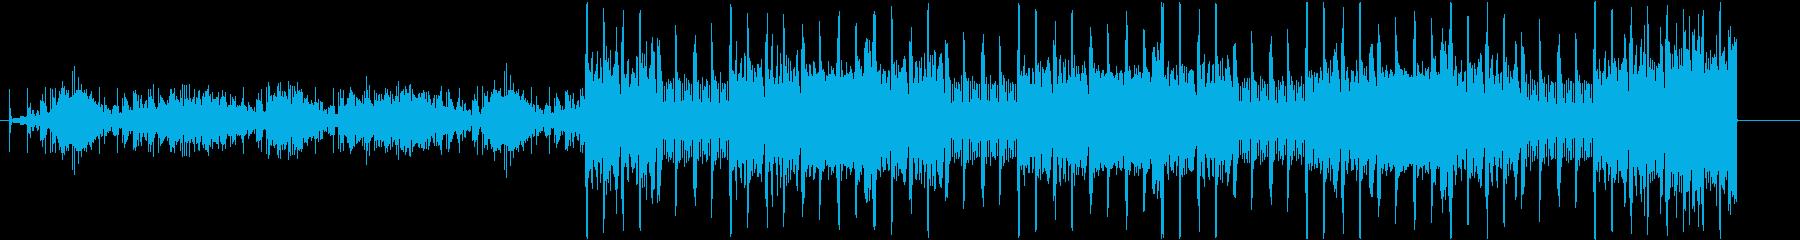 ダブステップ風のBGMの再生済みの波形